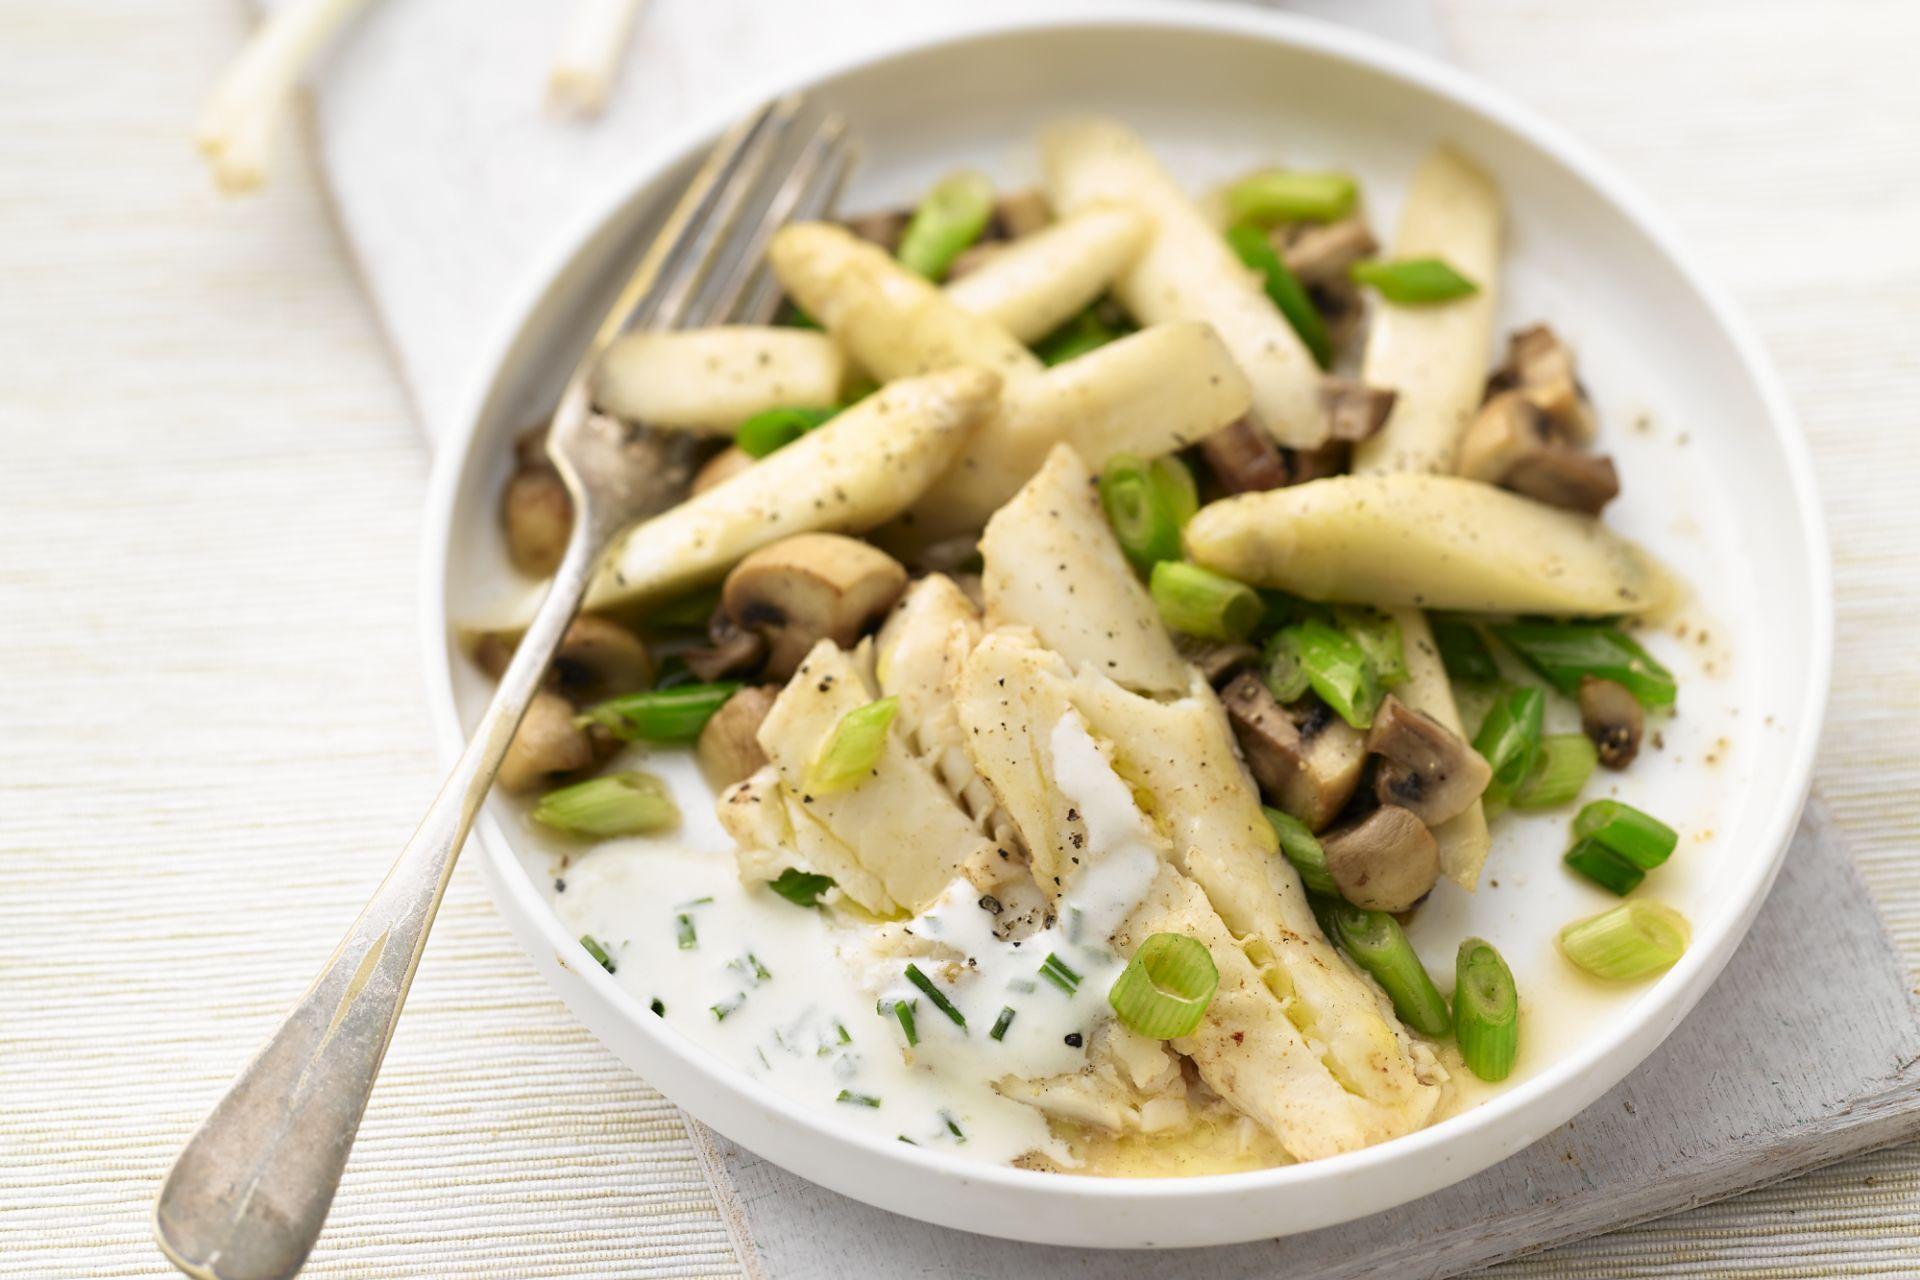 Gebakken wijting met roerbak van asperge, champignons, lente-ui en bieslooksausje